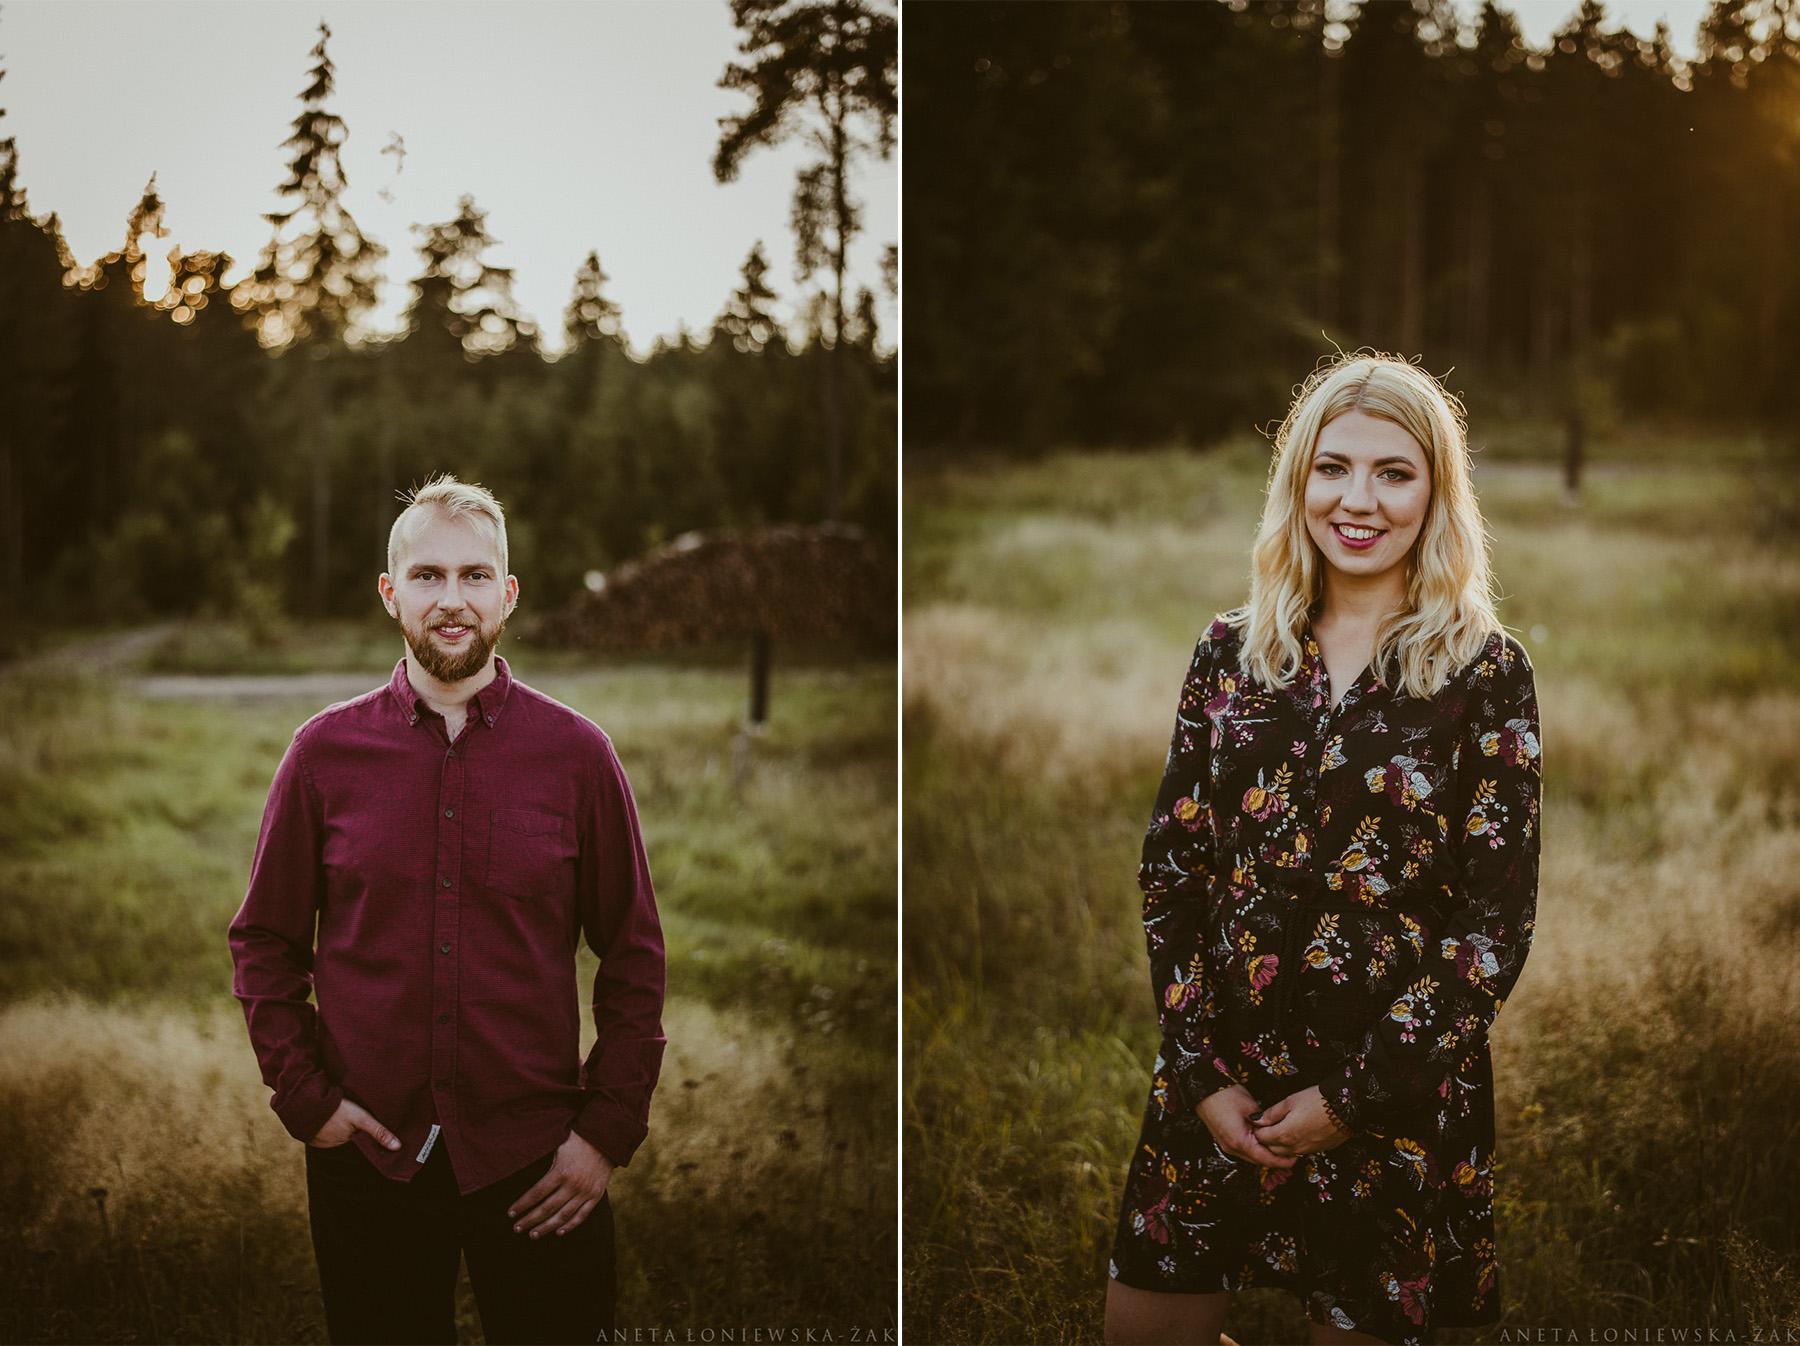 fotograf ślubny białystok, fotograf ślubny podlaskie, sesja narzeczeńska białystok, sesja narzeczeńska podlasie, puszcza knyszyńska